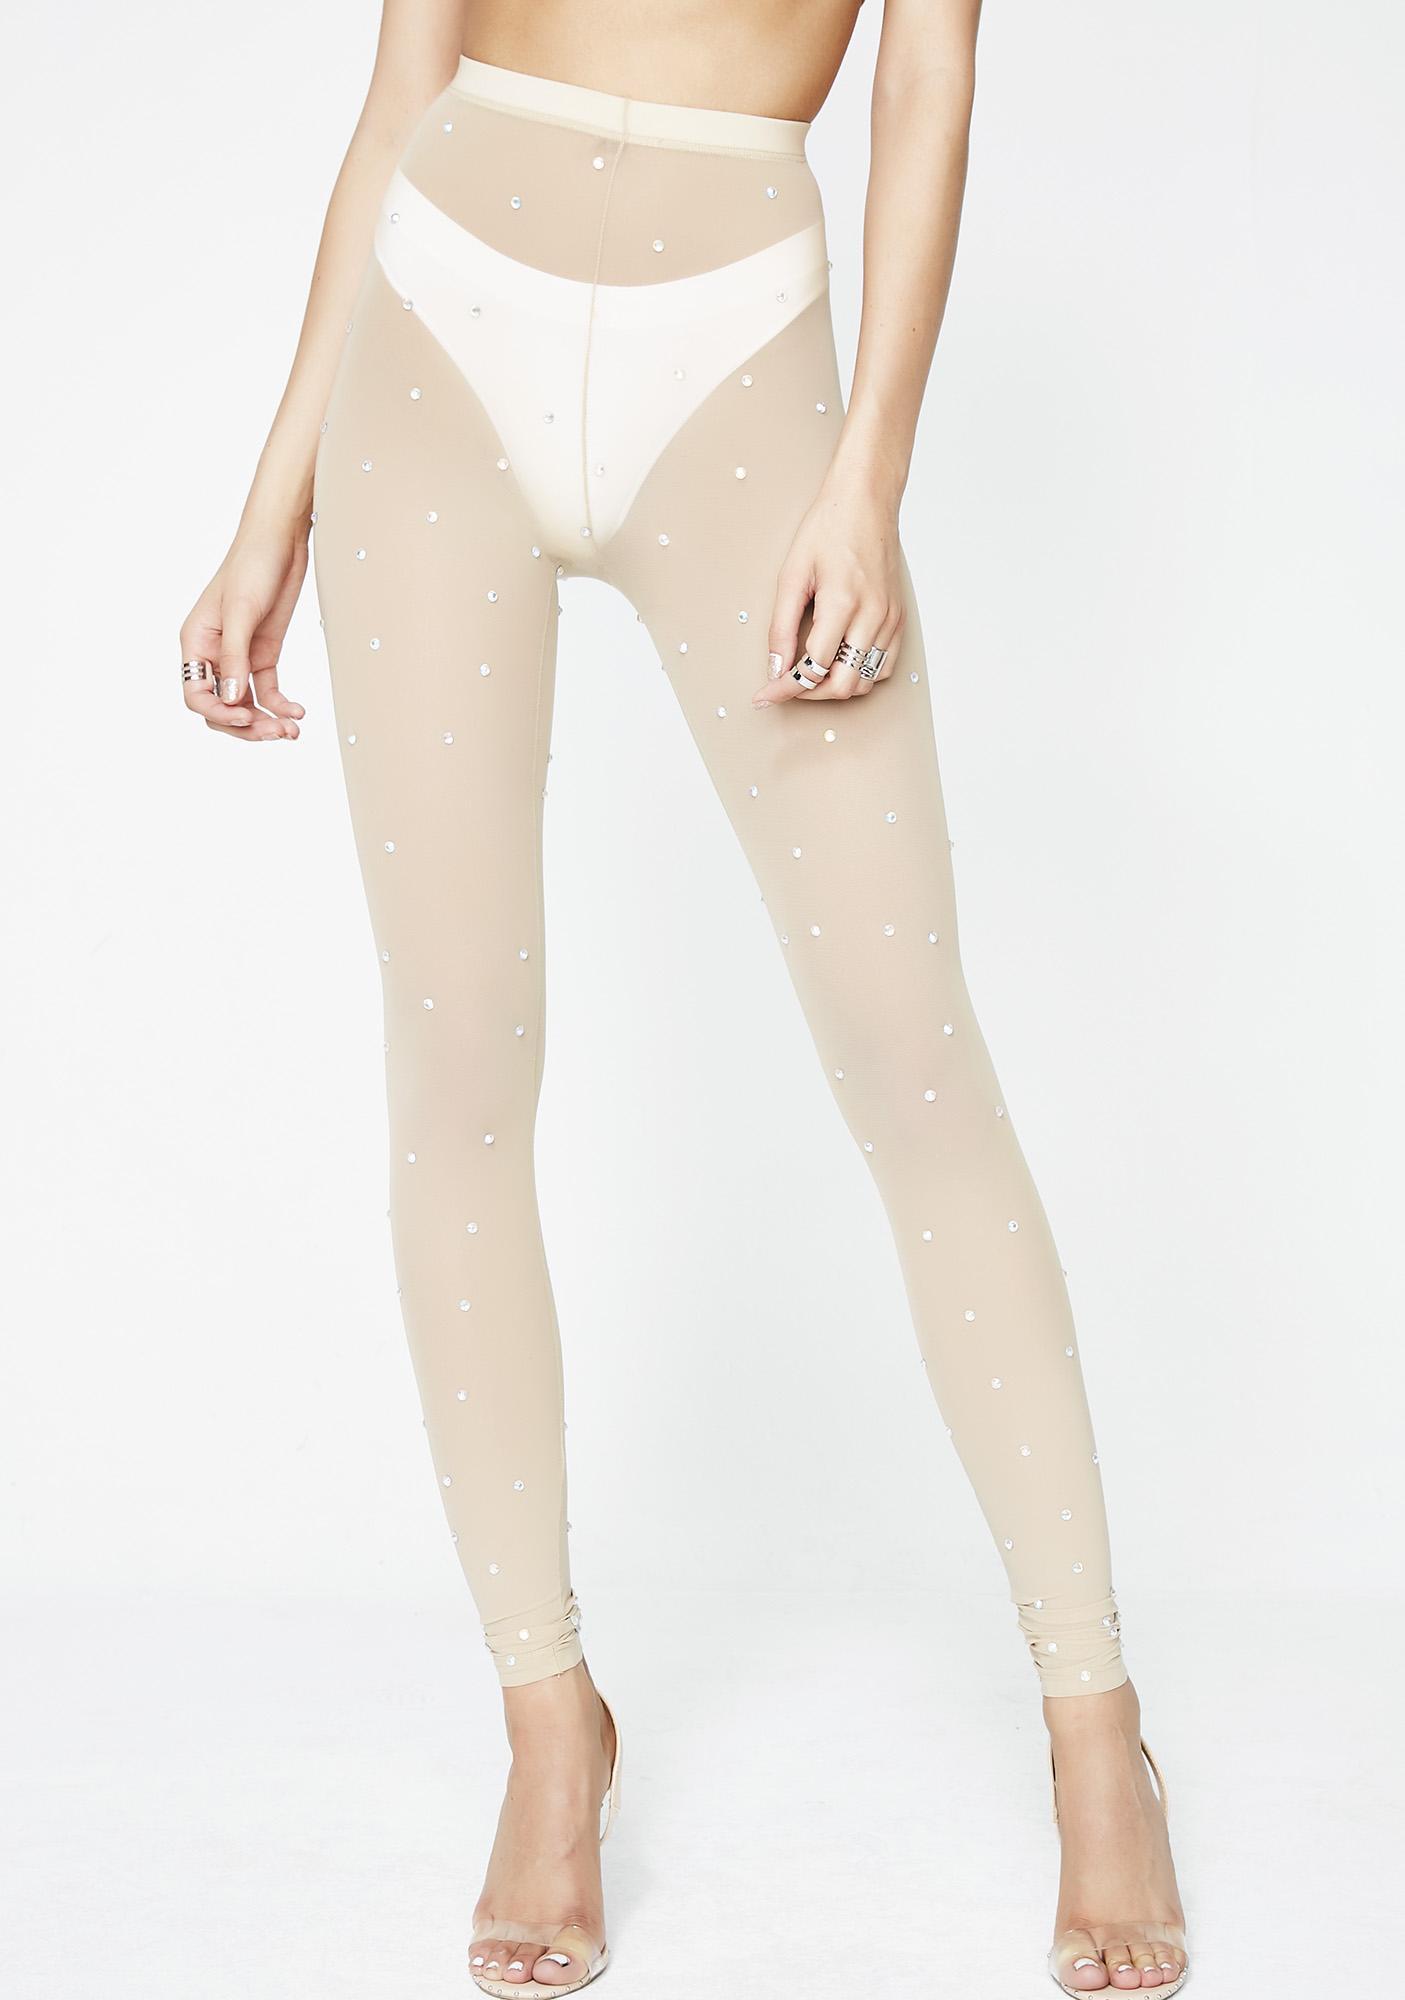 Kiki Riki Shine On Sheer Leggings